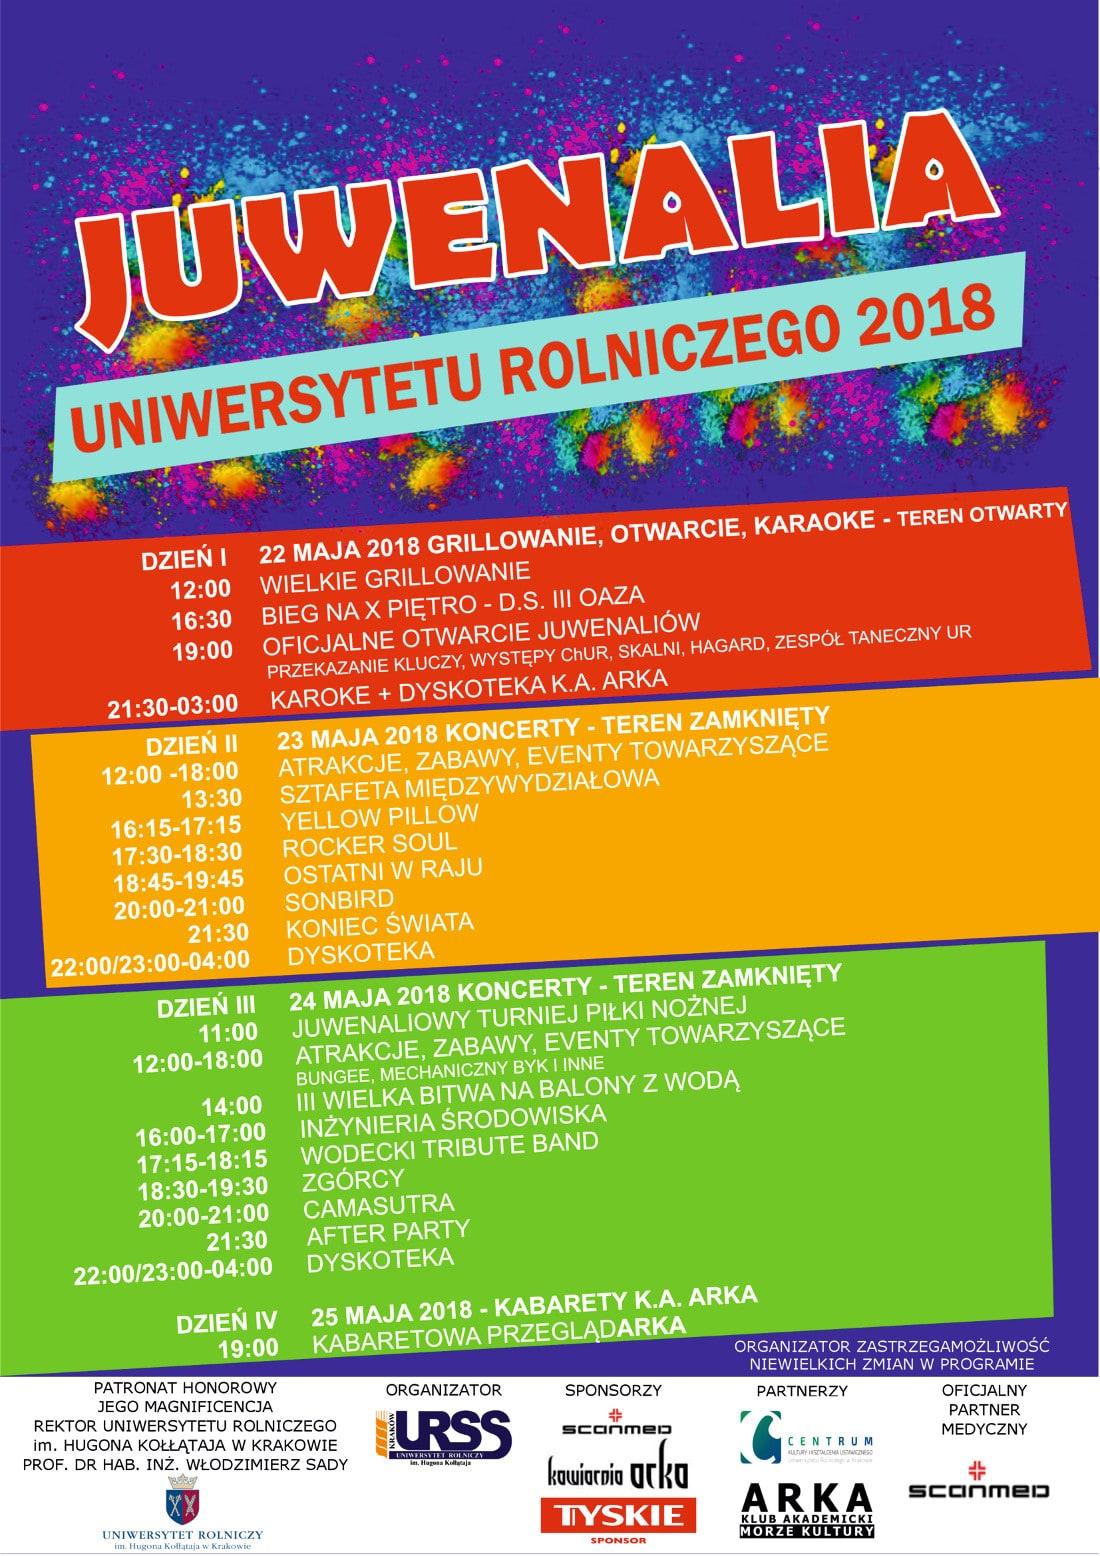 Juwenalia UR odbędą się w dniach 22-25 maja.